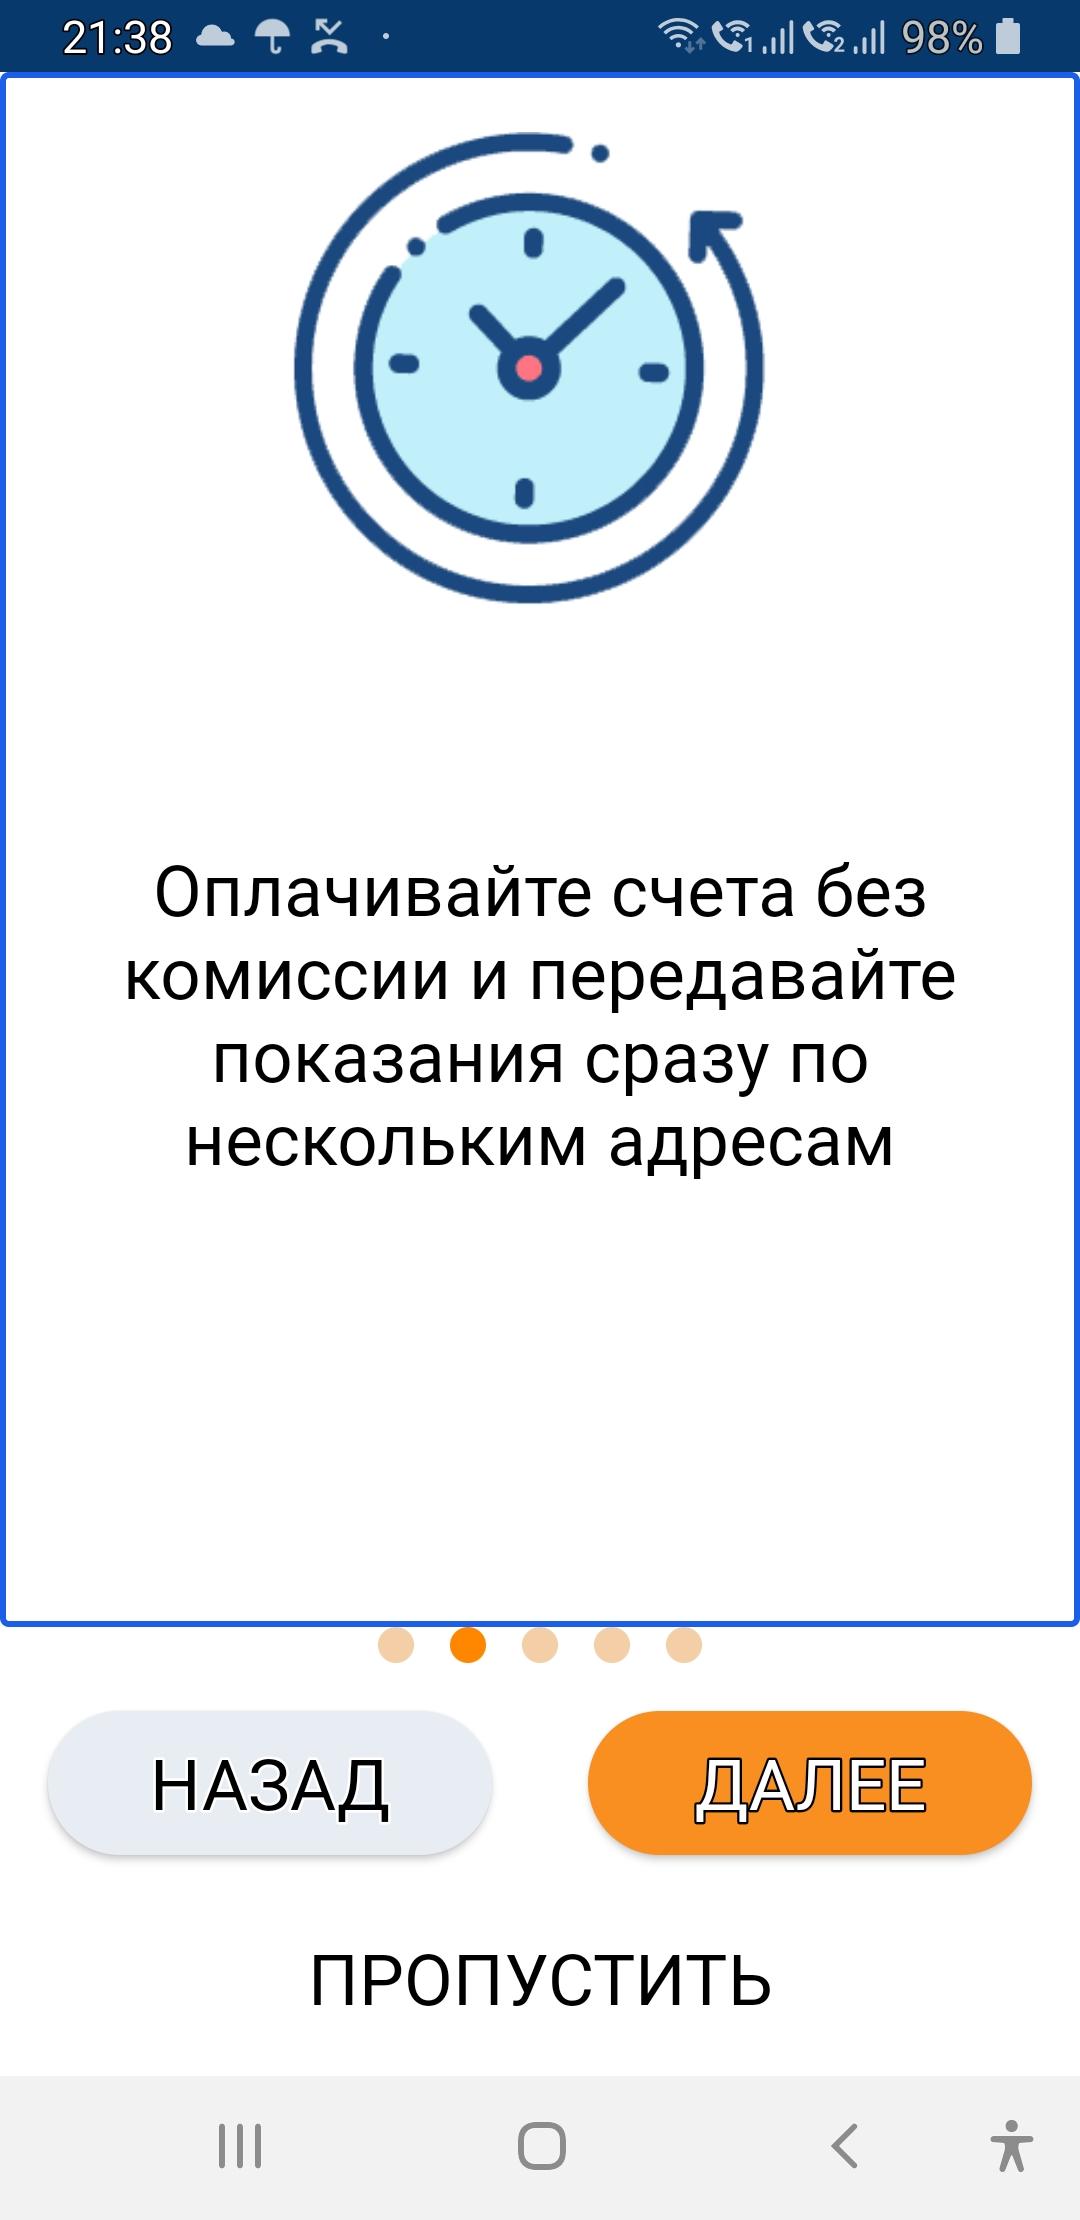 Мосэнергосбыт_Оплачивайте счета без комиссии